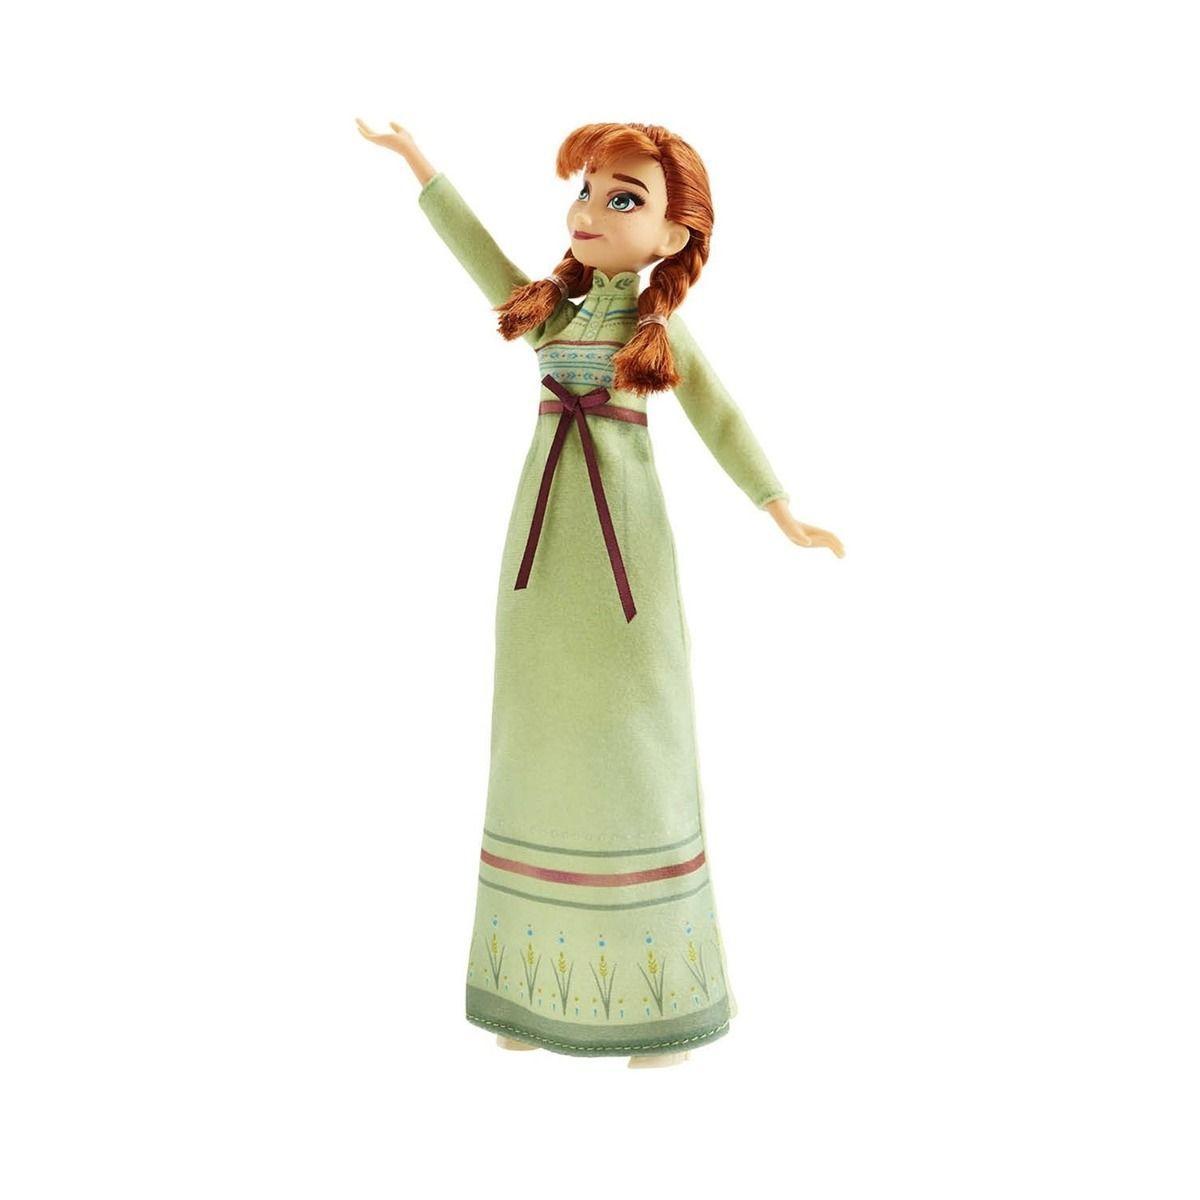 Кукла Холодное сердце 2 Disney Frozen с дополнительными нарядами - фото 9